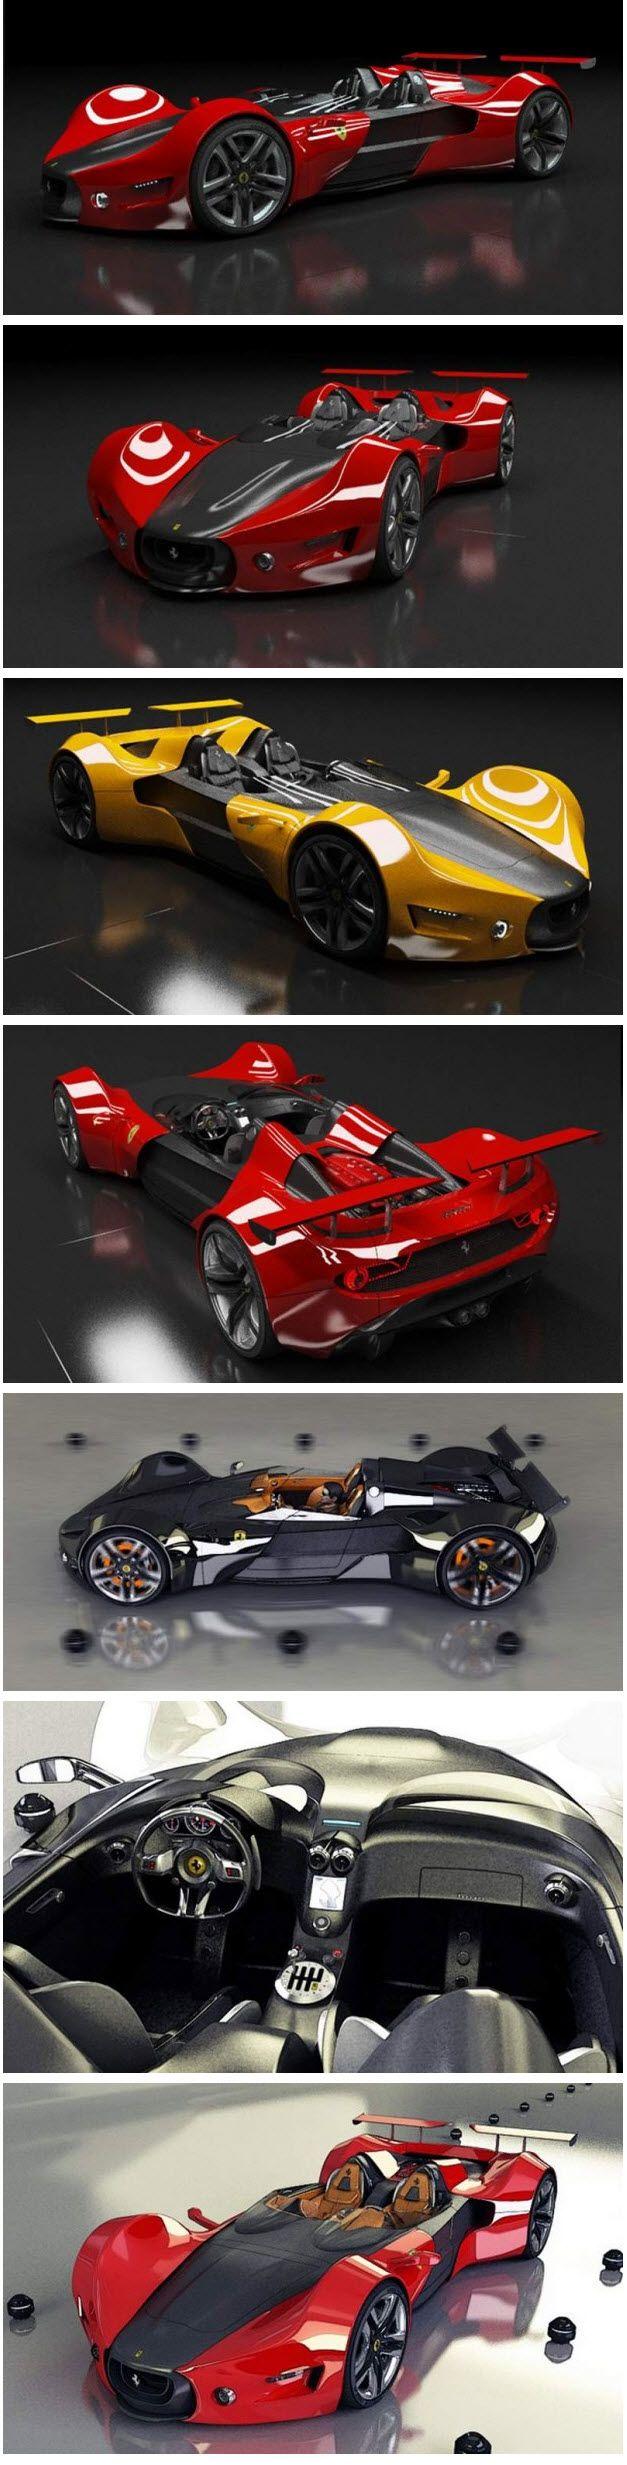 Ferrari Celeritas concept